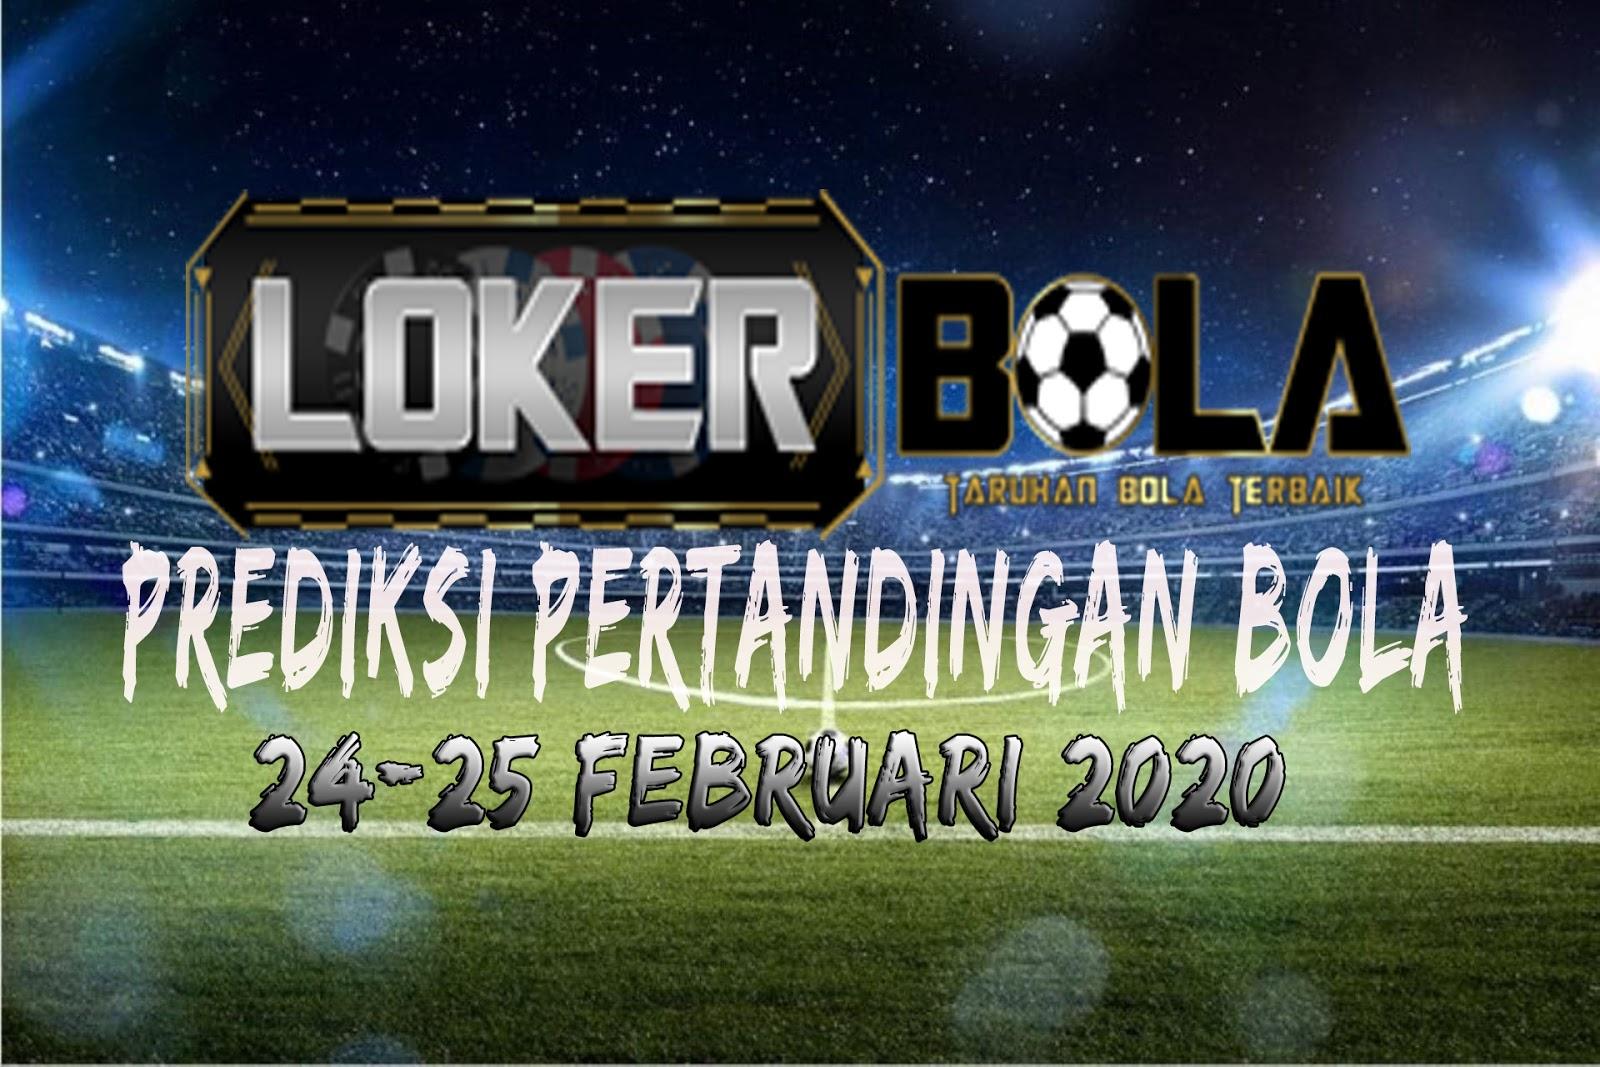 PREDIKSI PERTANDINGAN BOLA 24-25 FEBRUARI 2020